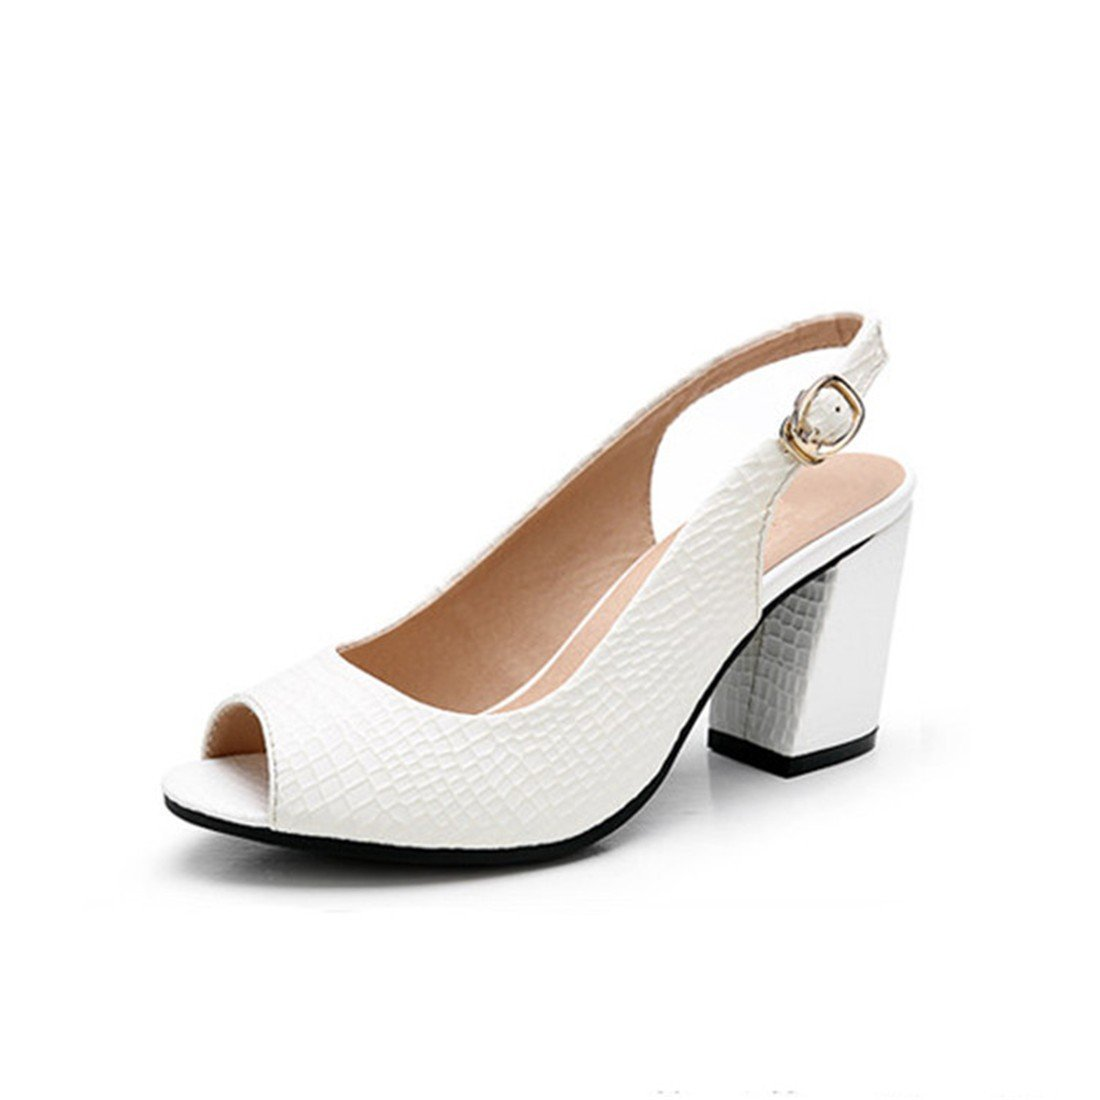 WXMDDN Sommer Sandalen Damen High Heel Arbeit Schuhe Schlangenleder Schuhe Weiblich Dicken Ferse Fisch Mund Sandalen